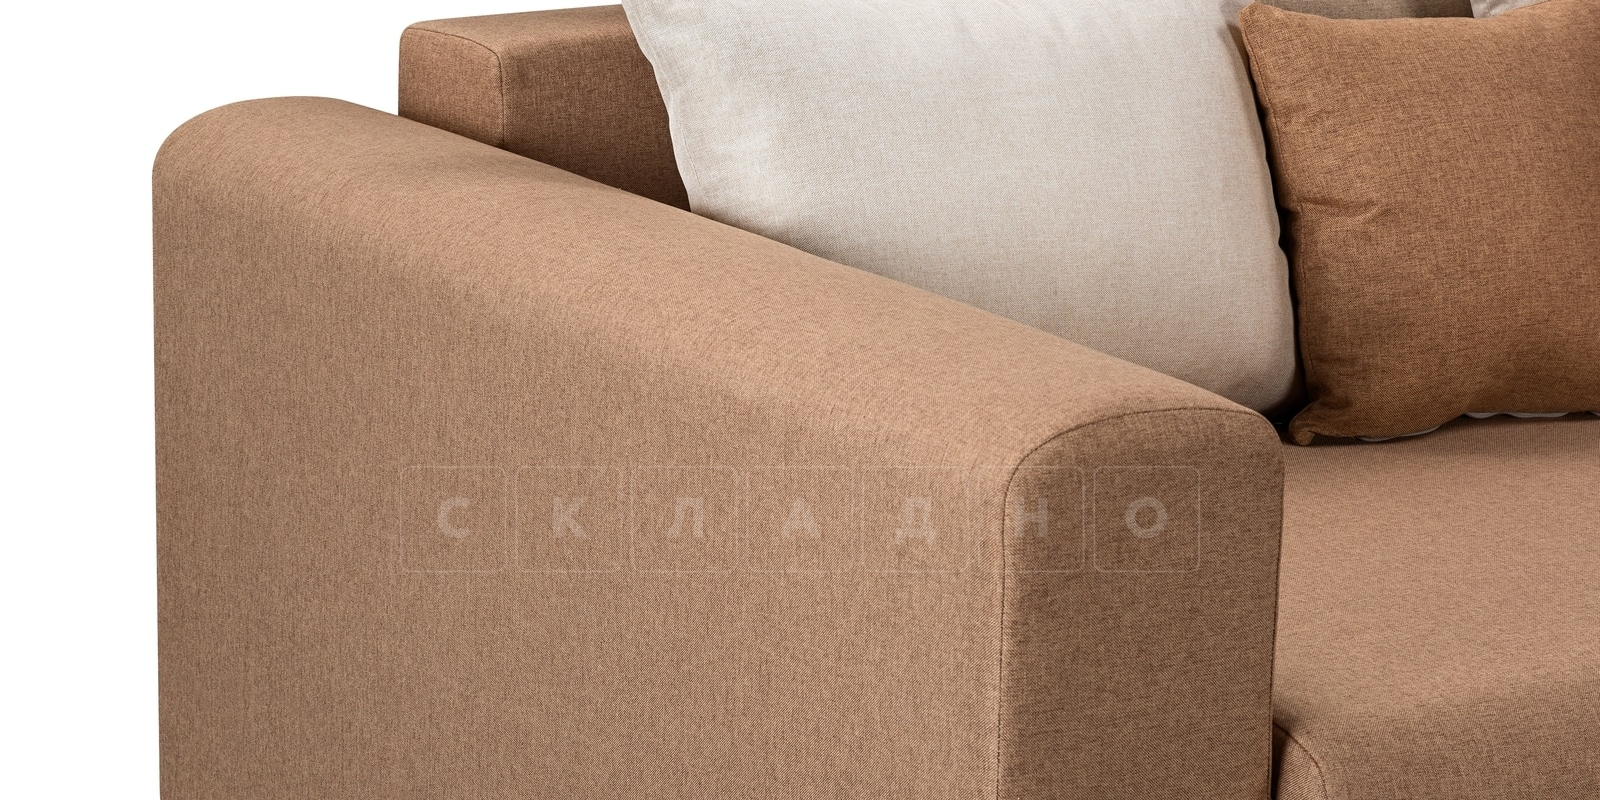 Диван Медисон коричневый 325 см фото 5 | интернет-магазин Складно